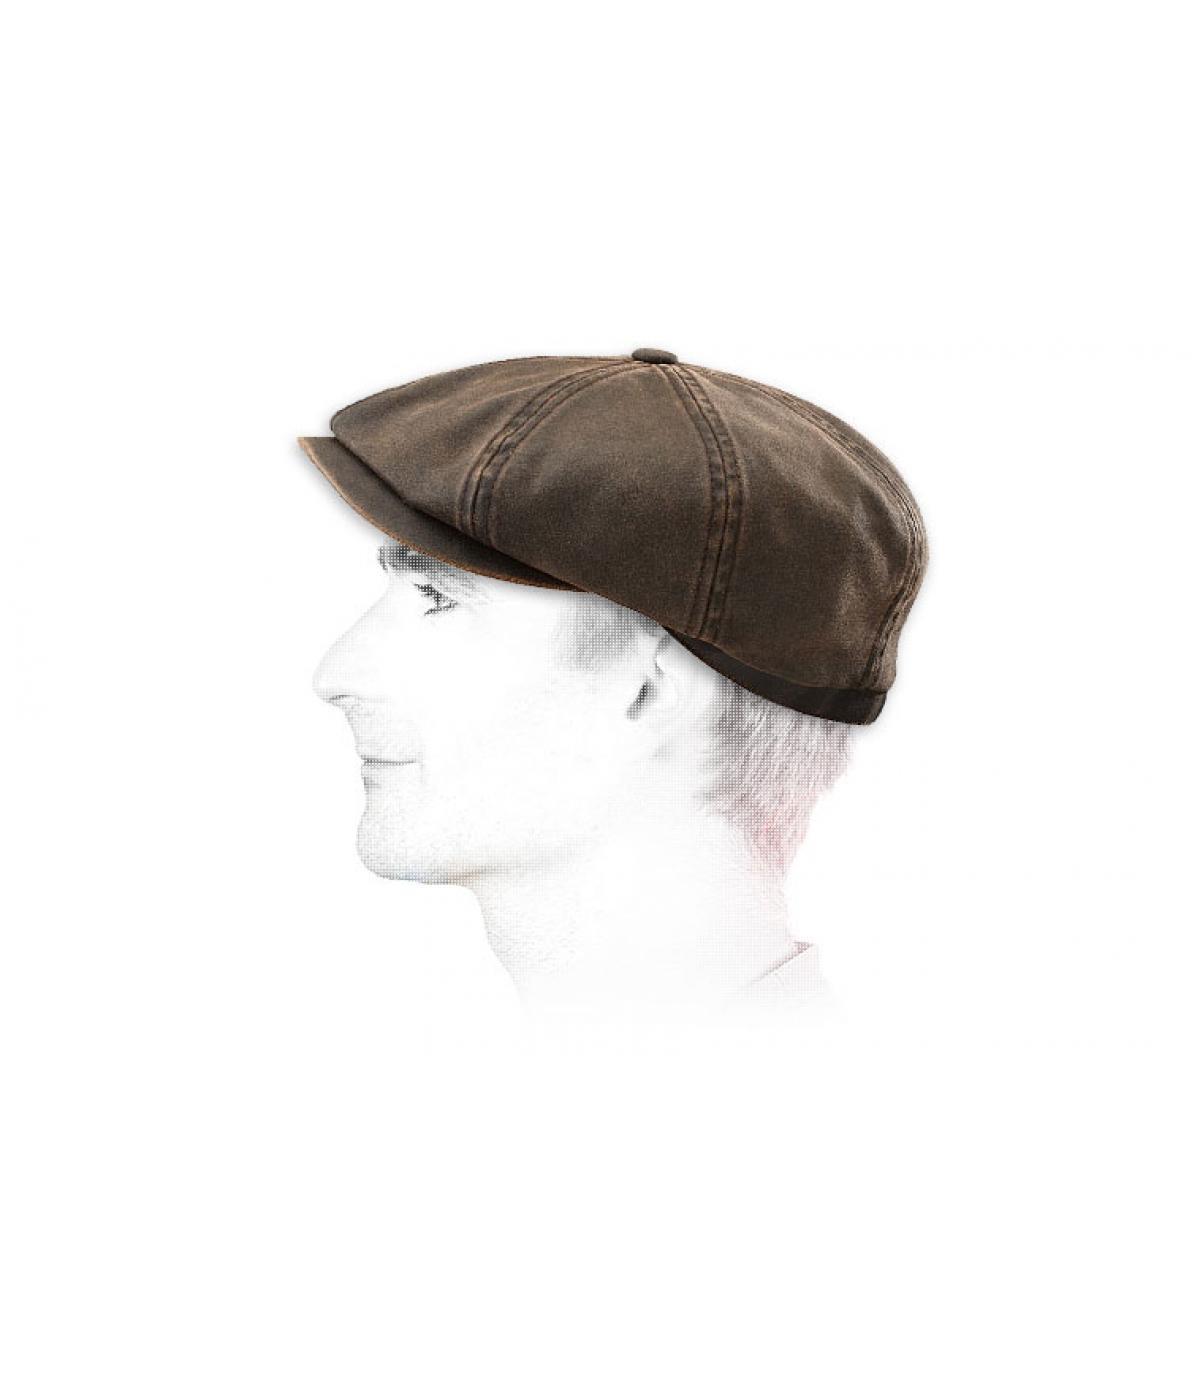 Brown stetson hatteras